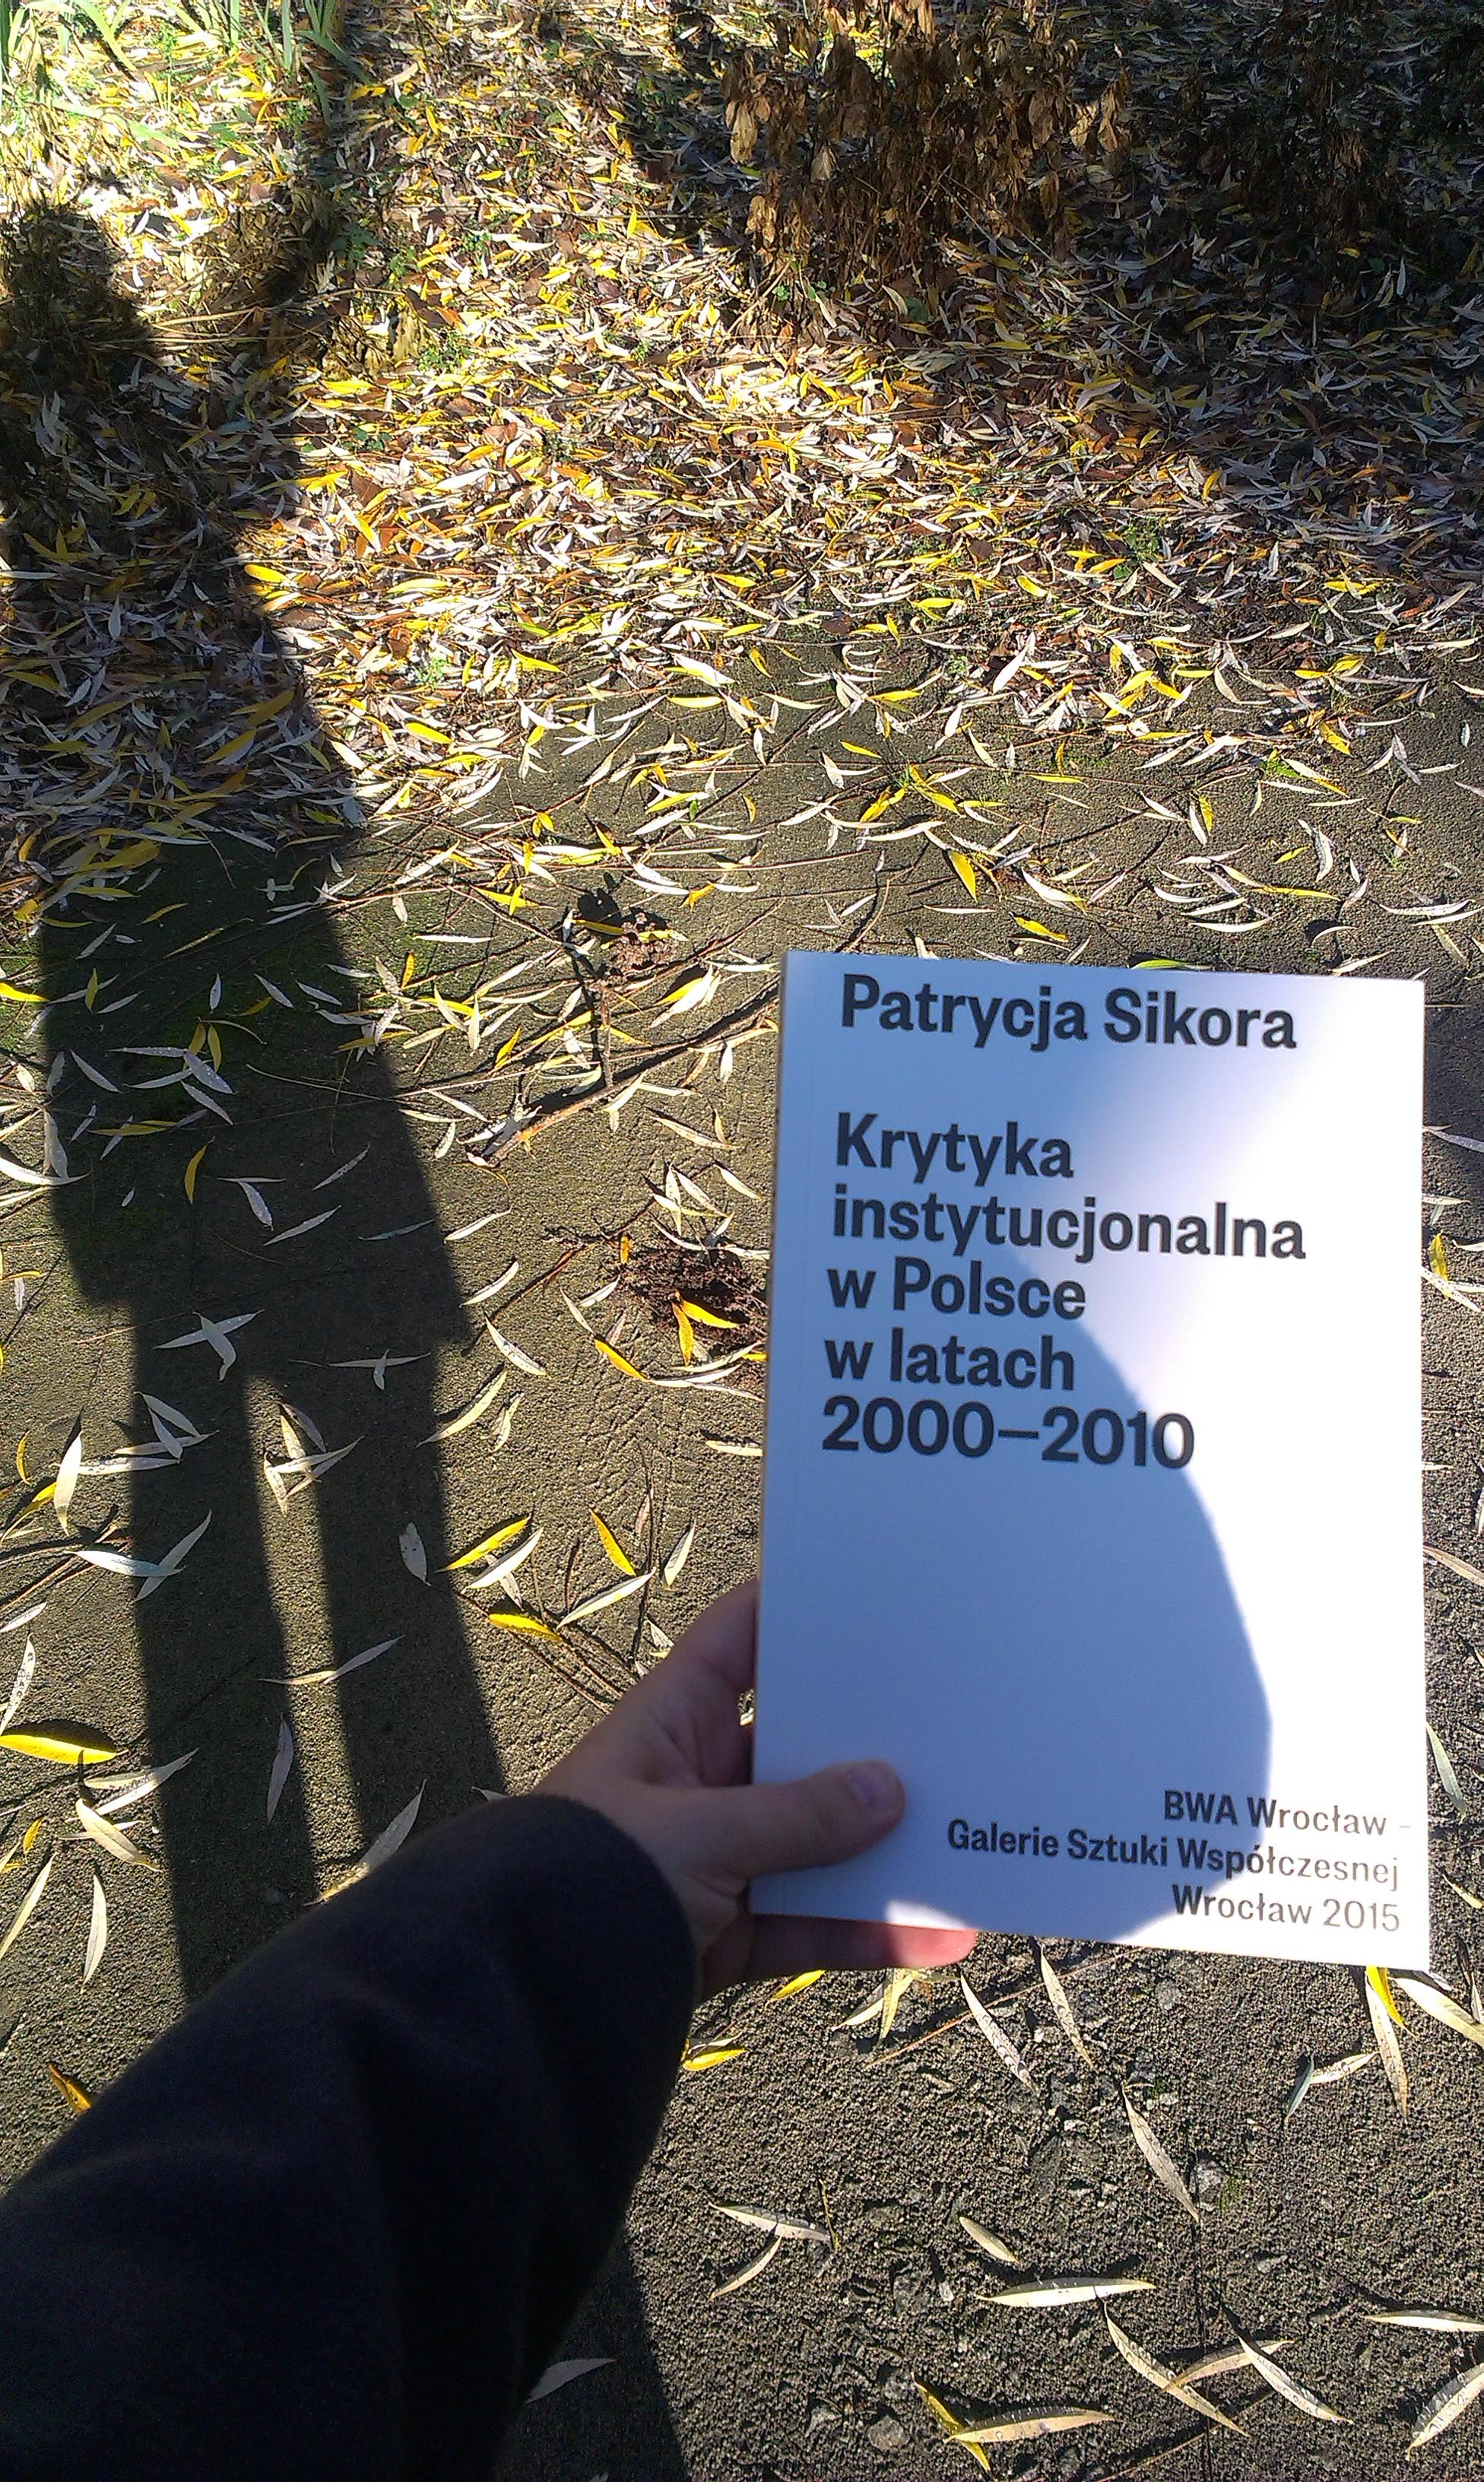 Krytyka instytucjonalna wPolsce wlatach 2000-2010, fot.Patrycja Sikora